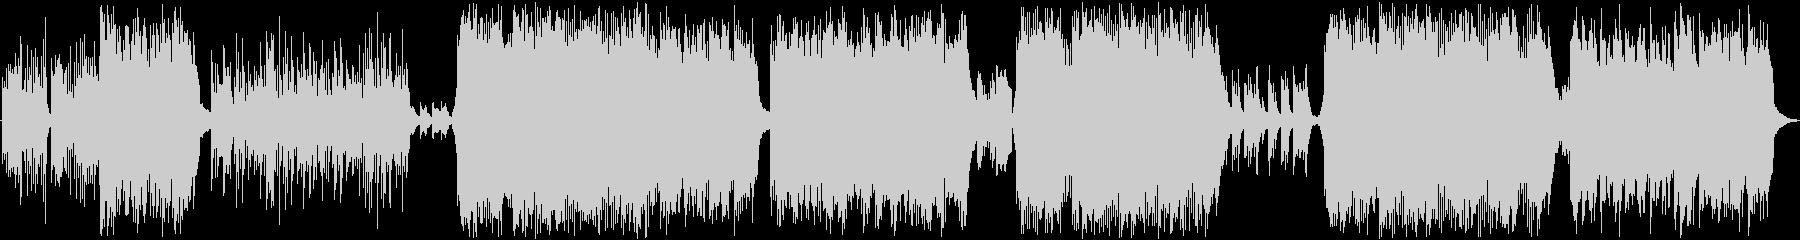 和曲、ピアノ、三拍子の未再生の波形